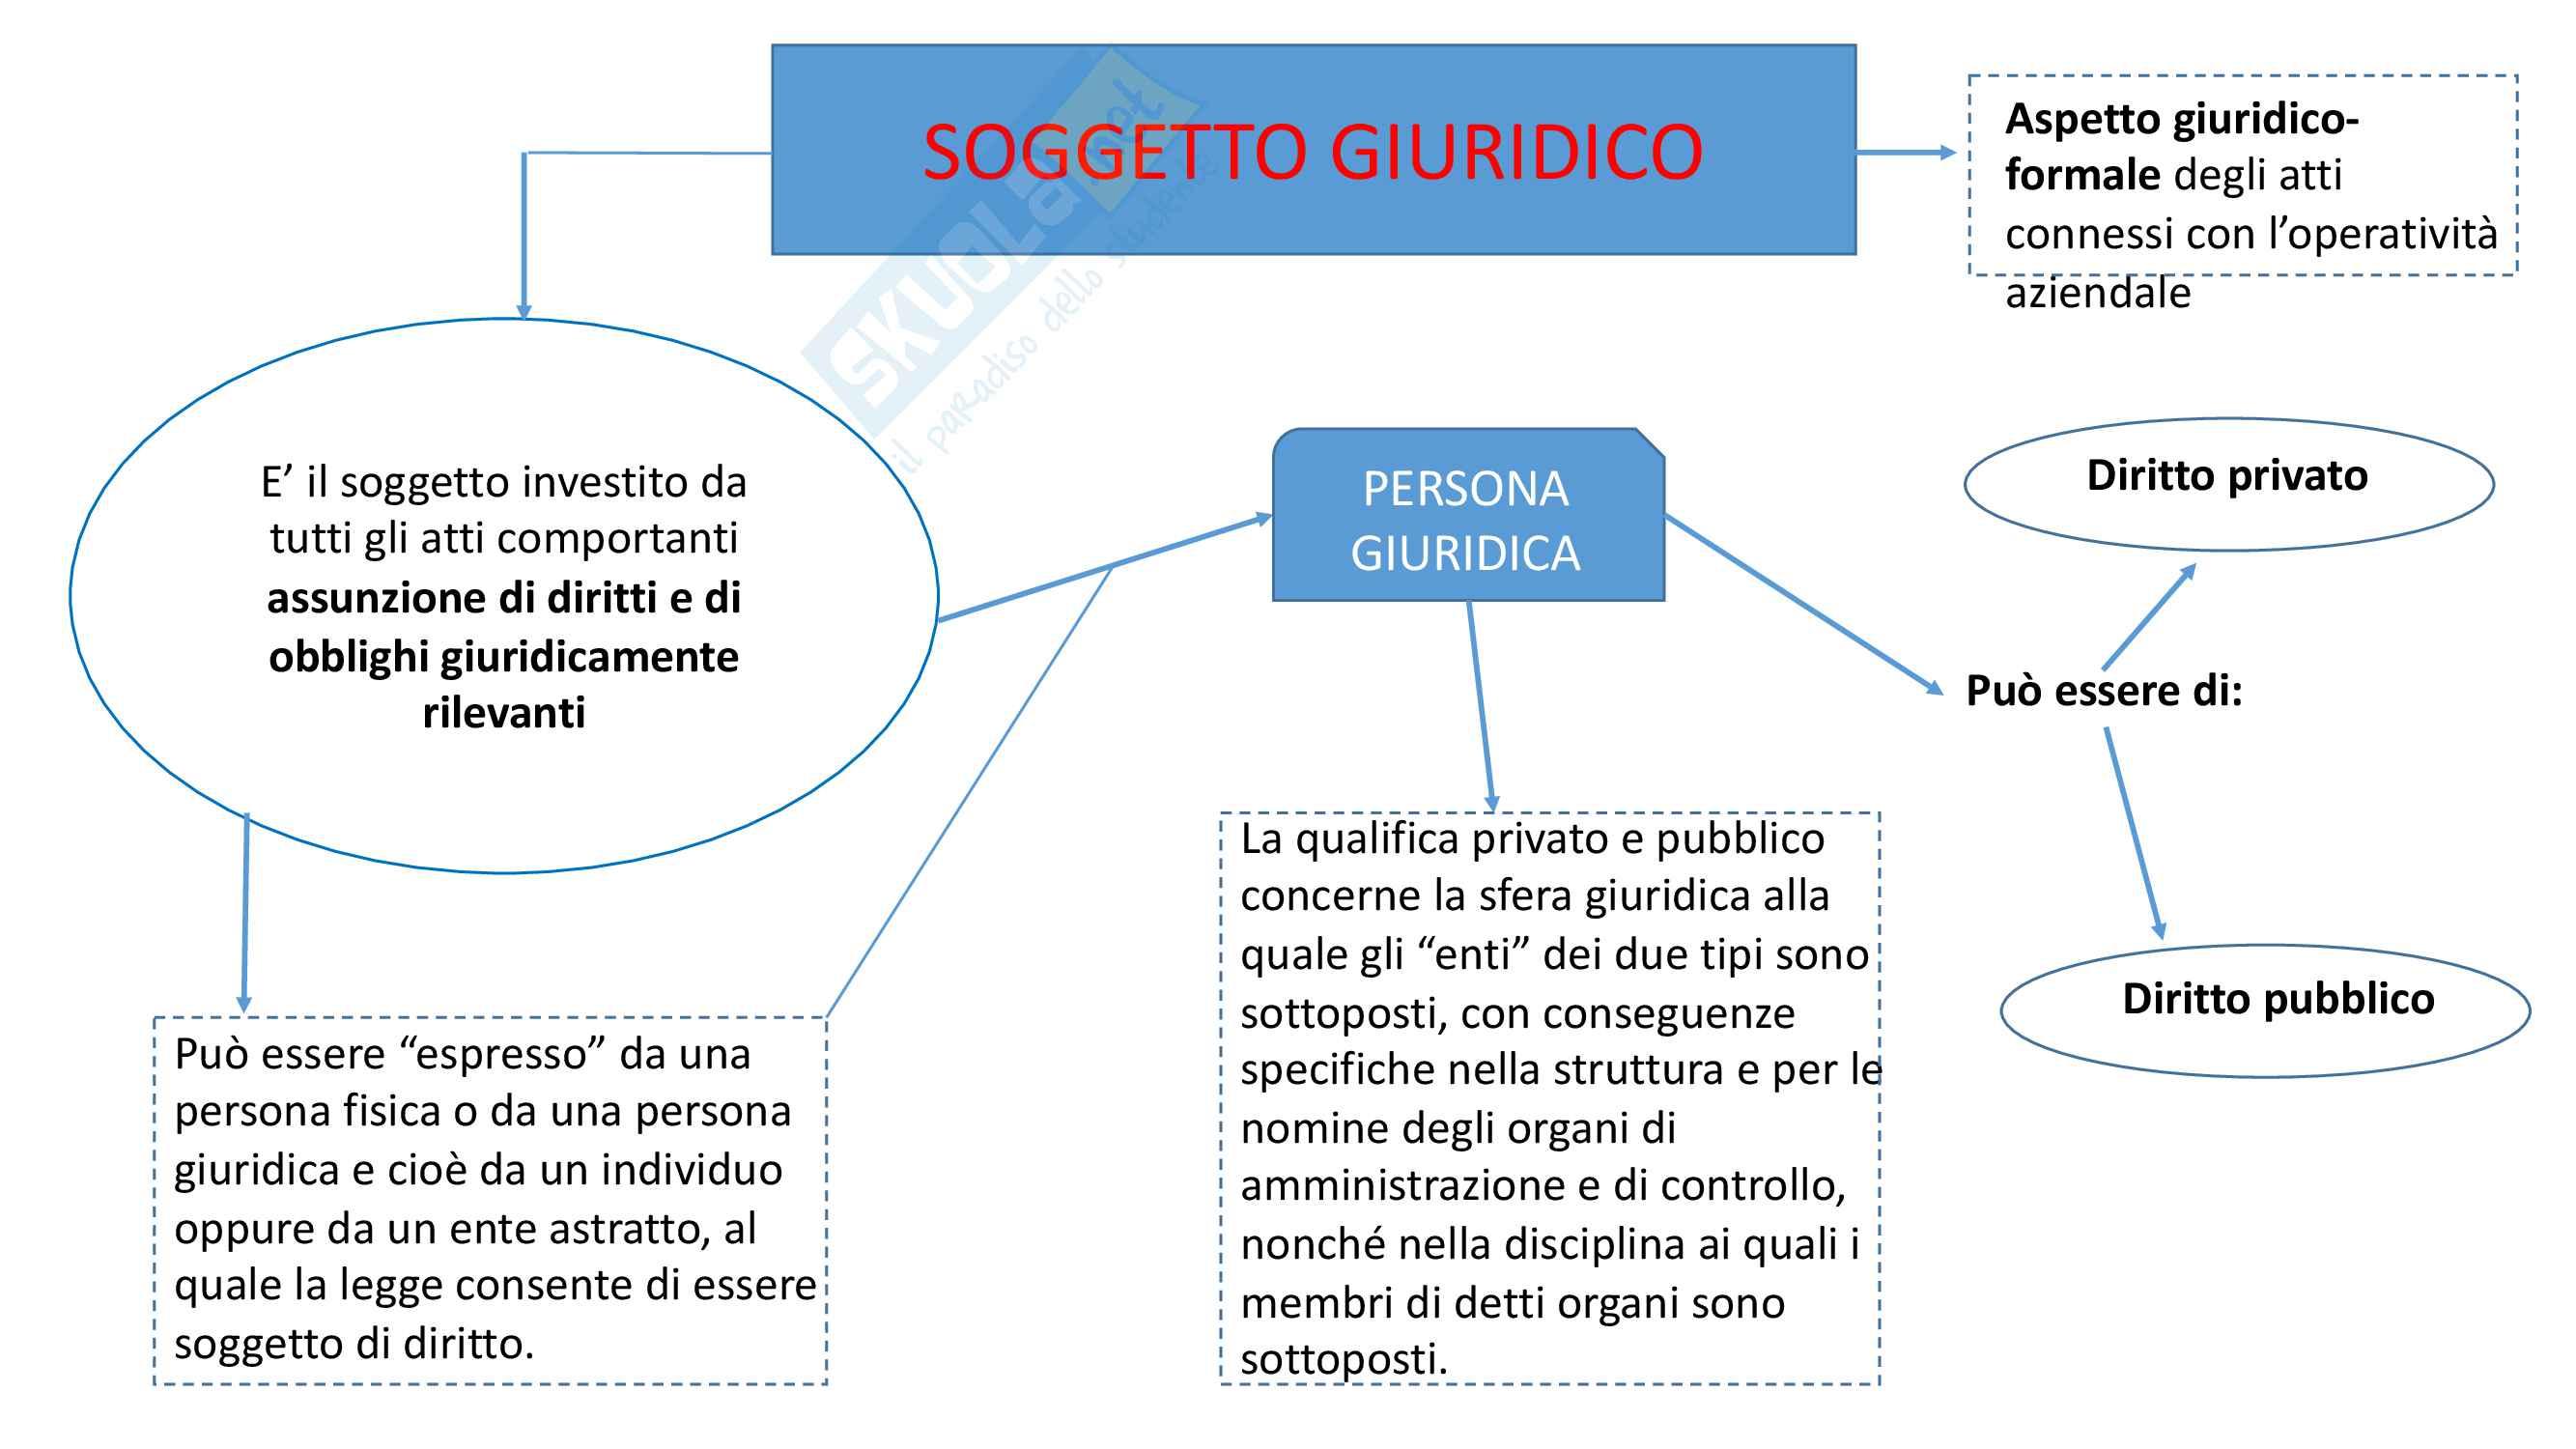 Mappe concettuali e teoria Economia aziendale e contabilità